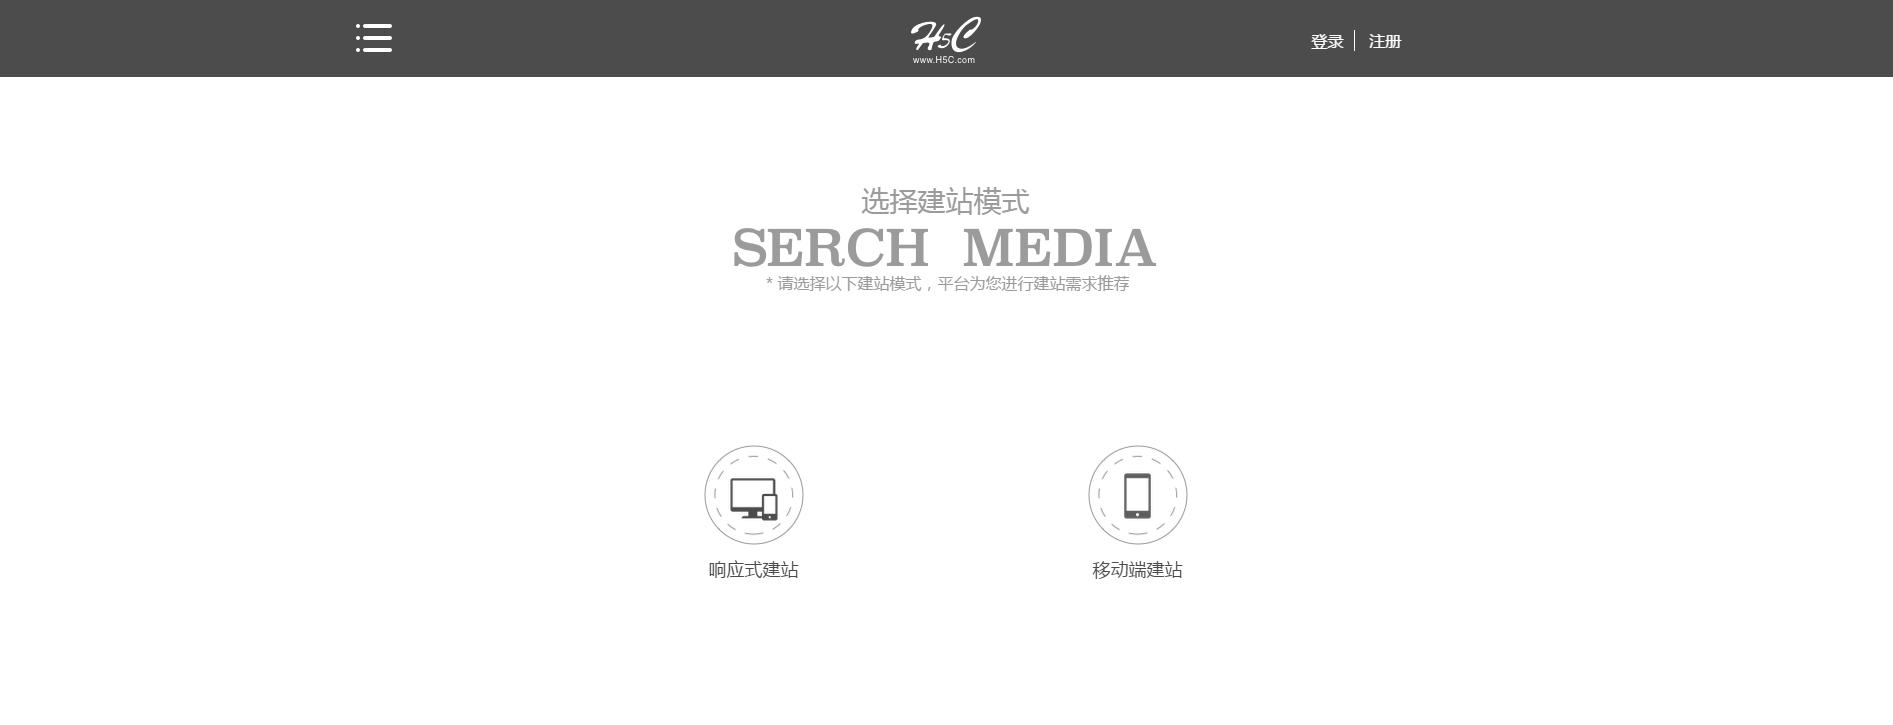 时代的互联网新标志,H5C云平台正式上线